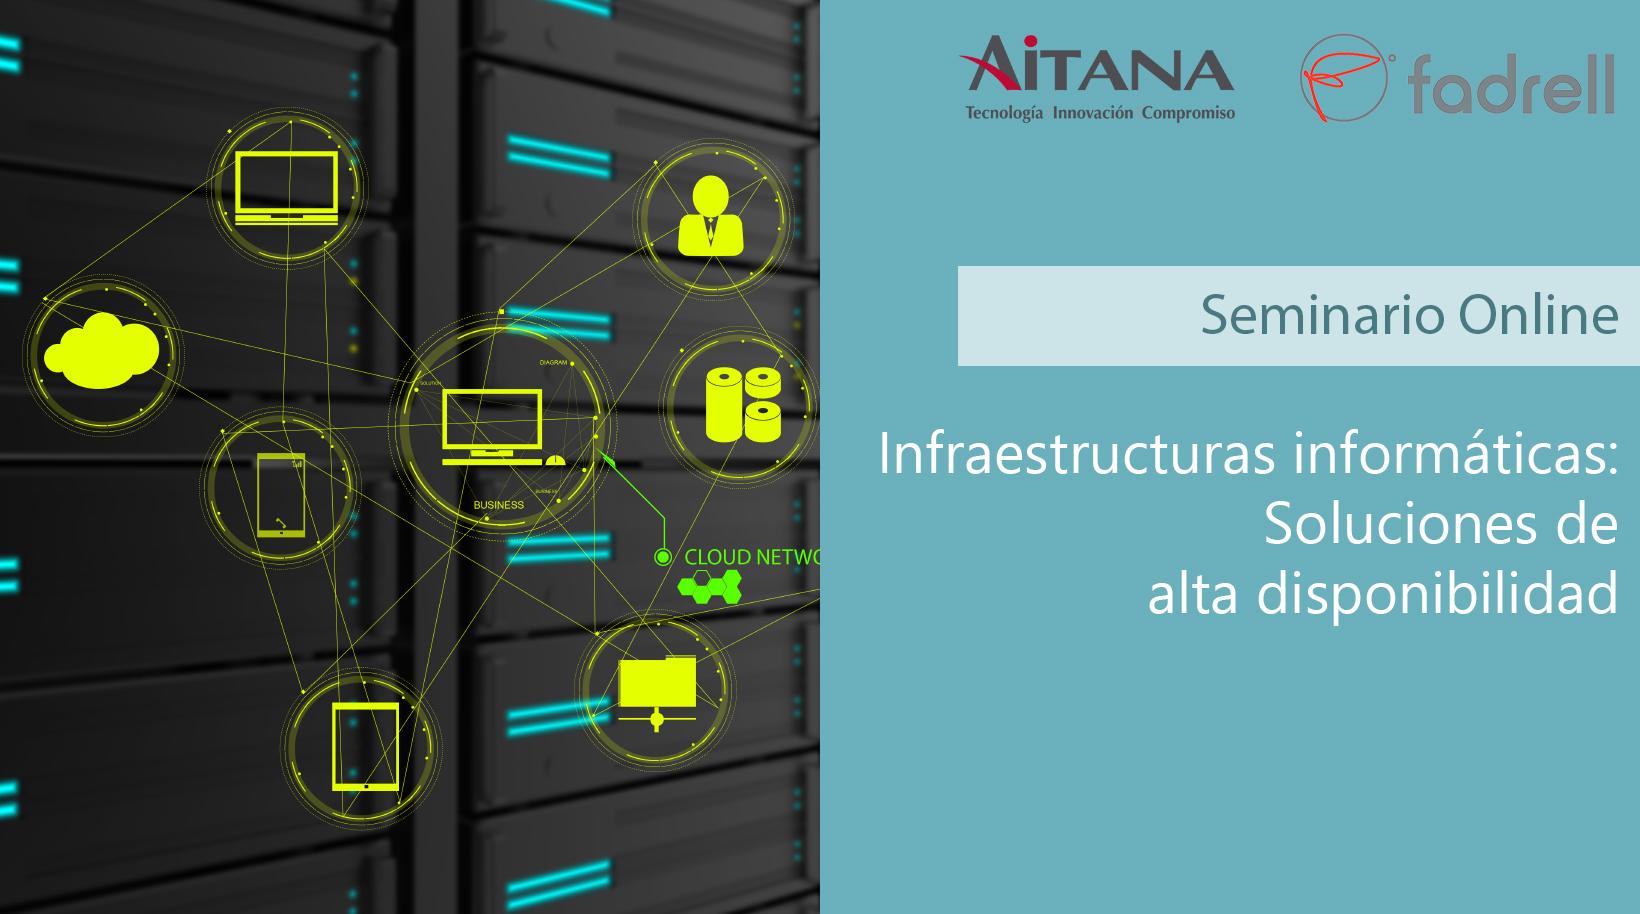 Infraestructuras informáticas: Soluciones de alta disponibilidad